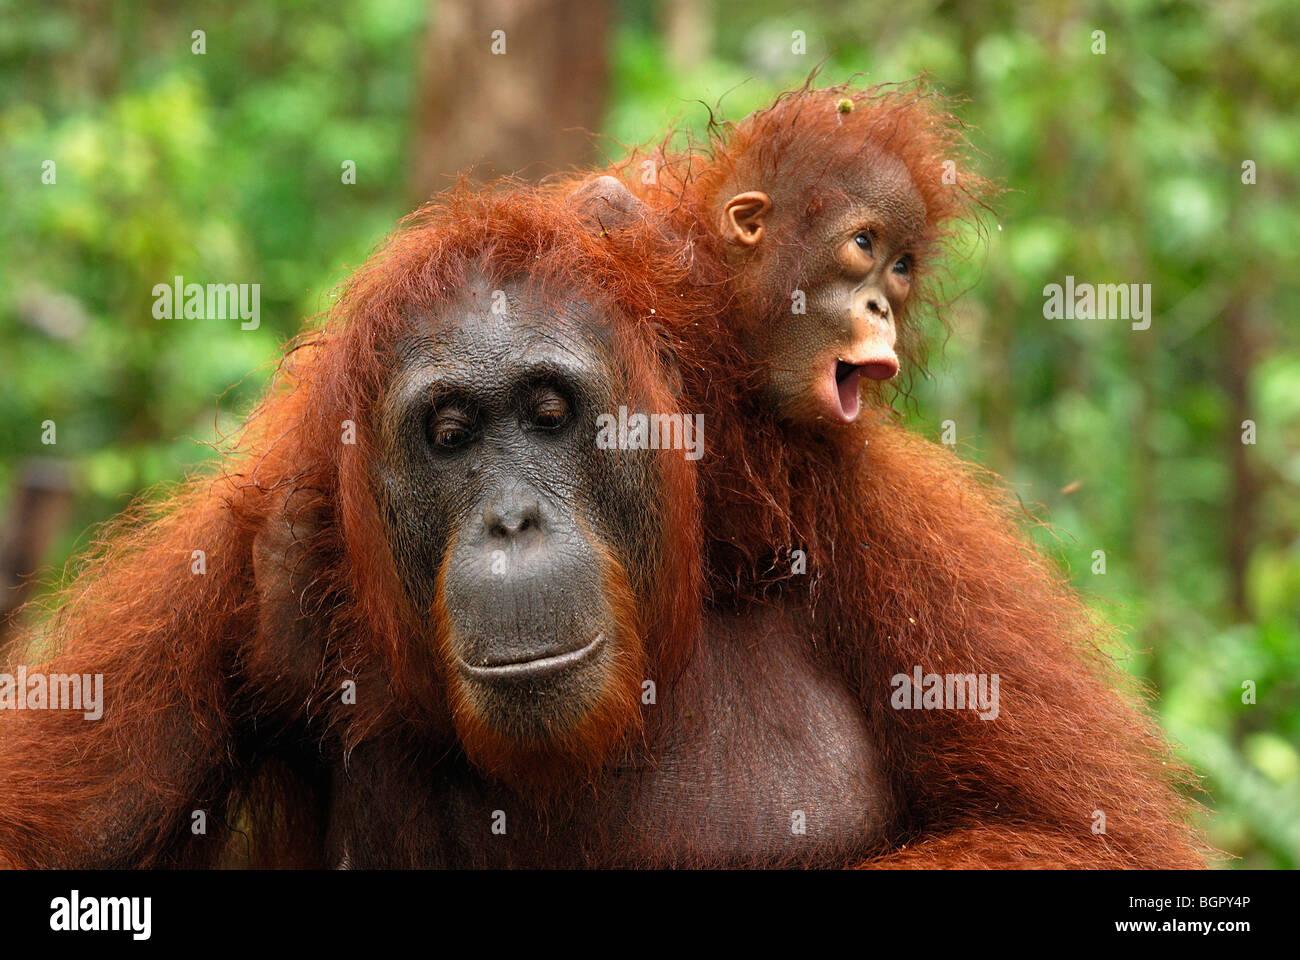 Borneo Orangutan (Pongo pygmaeus), femmina con il suo bambino a cavallo sulla sua schiena, Kalimantan, Borneo, Indonesia Immagini Stock